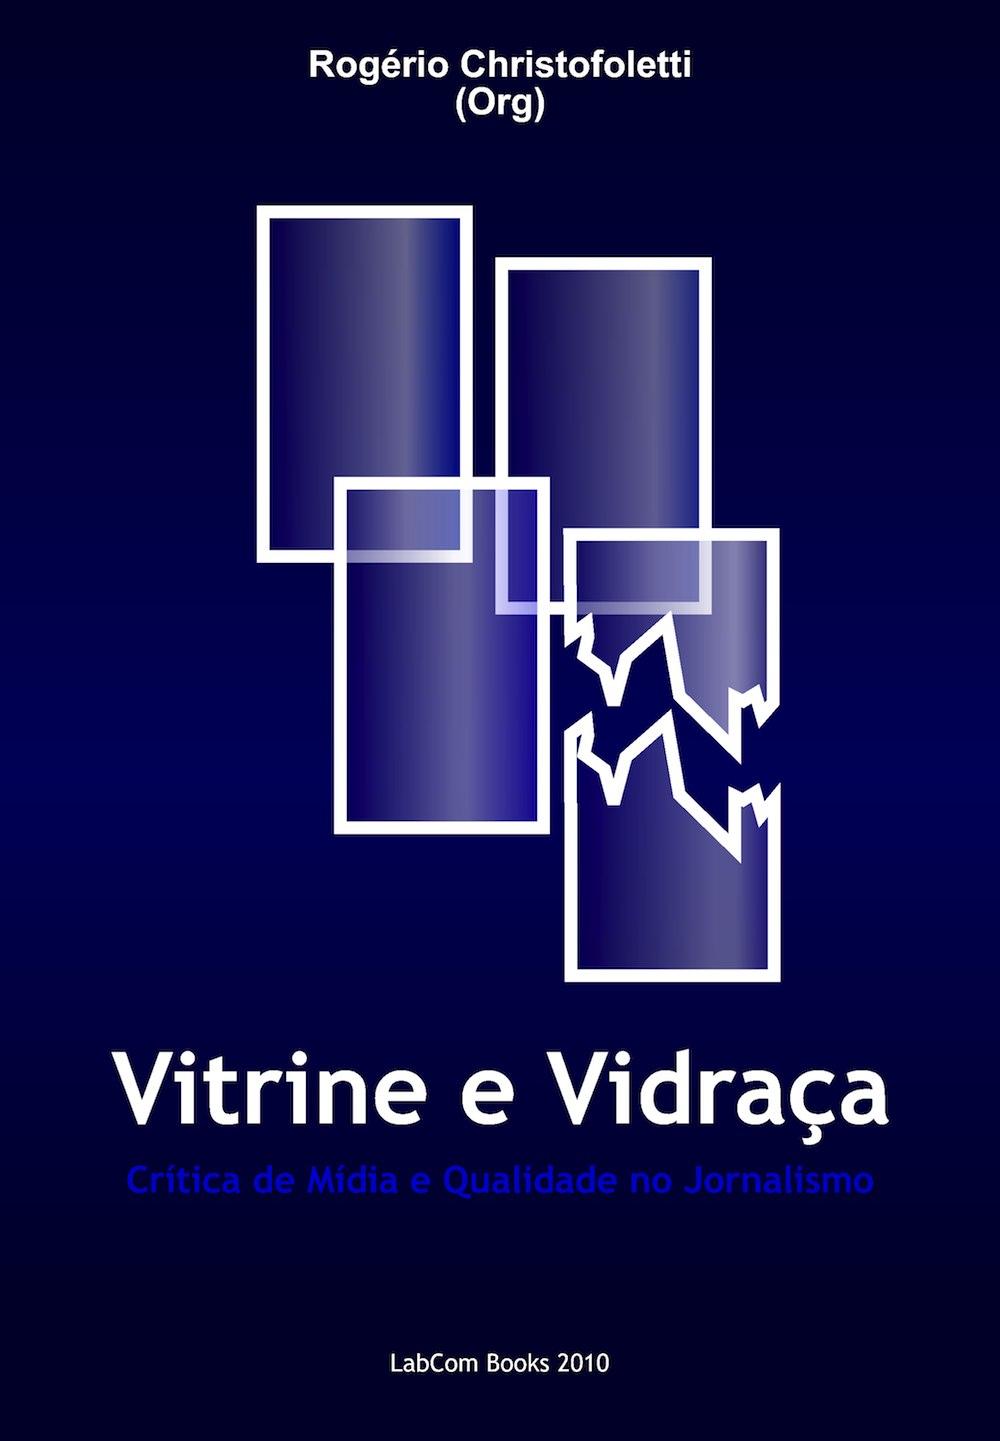 Capa: Rogério Christofoletti (Org.) (2010) Vitrine e vidraça: Crítica de Mídia e Qualidade no Jornalismo. Livros LabCom [LabCom Books]. Jornalismo.